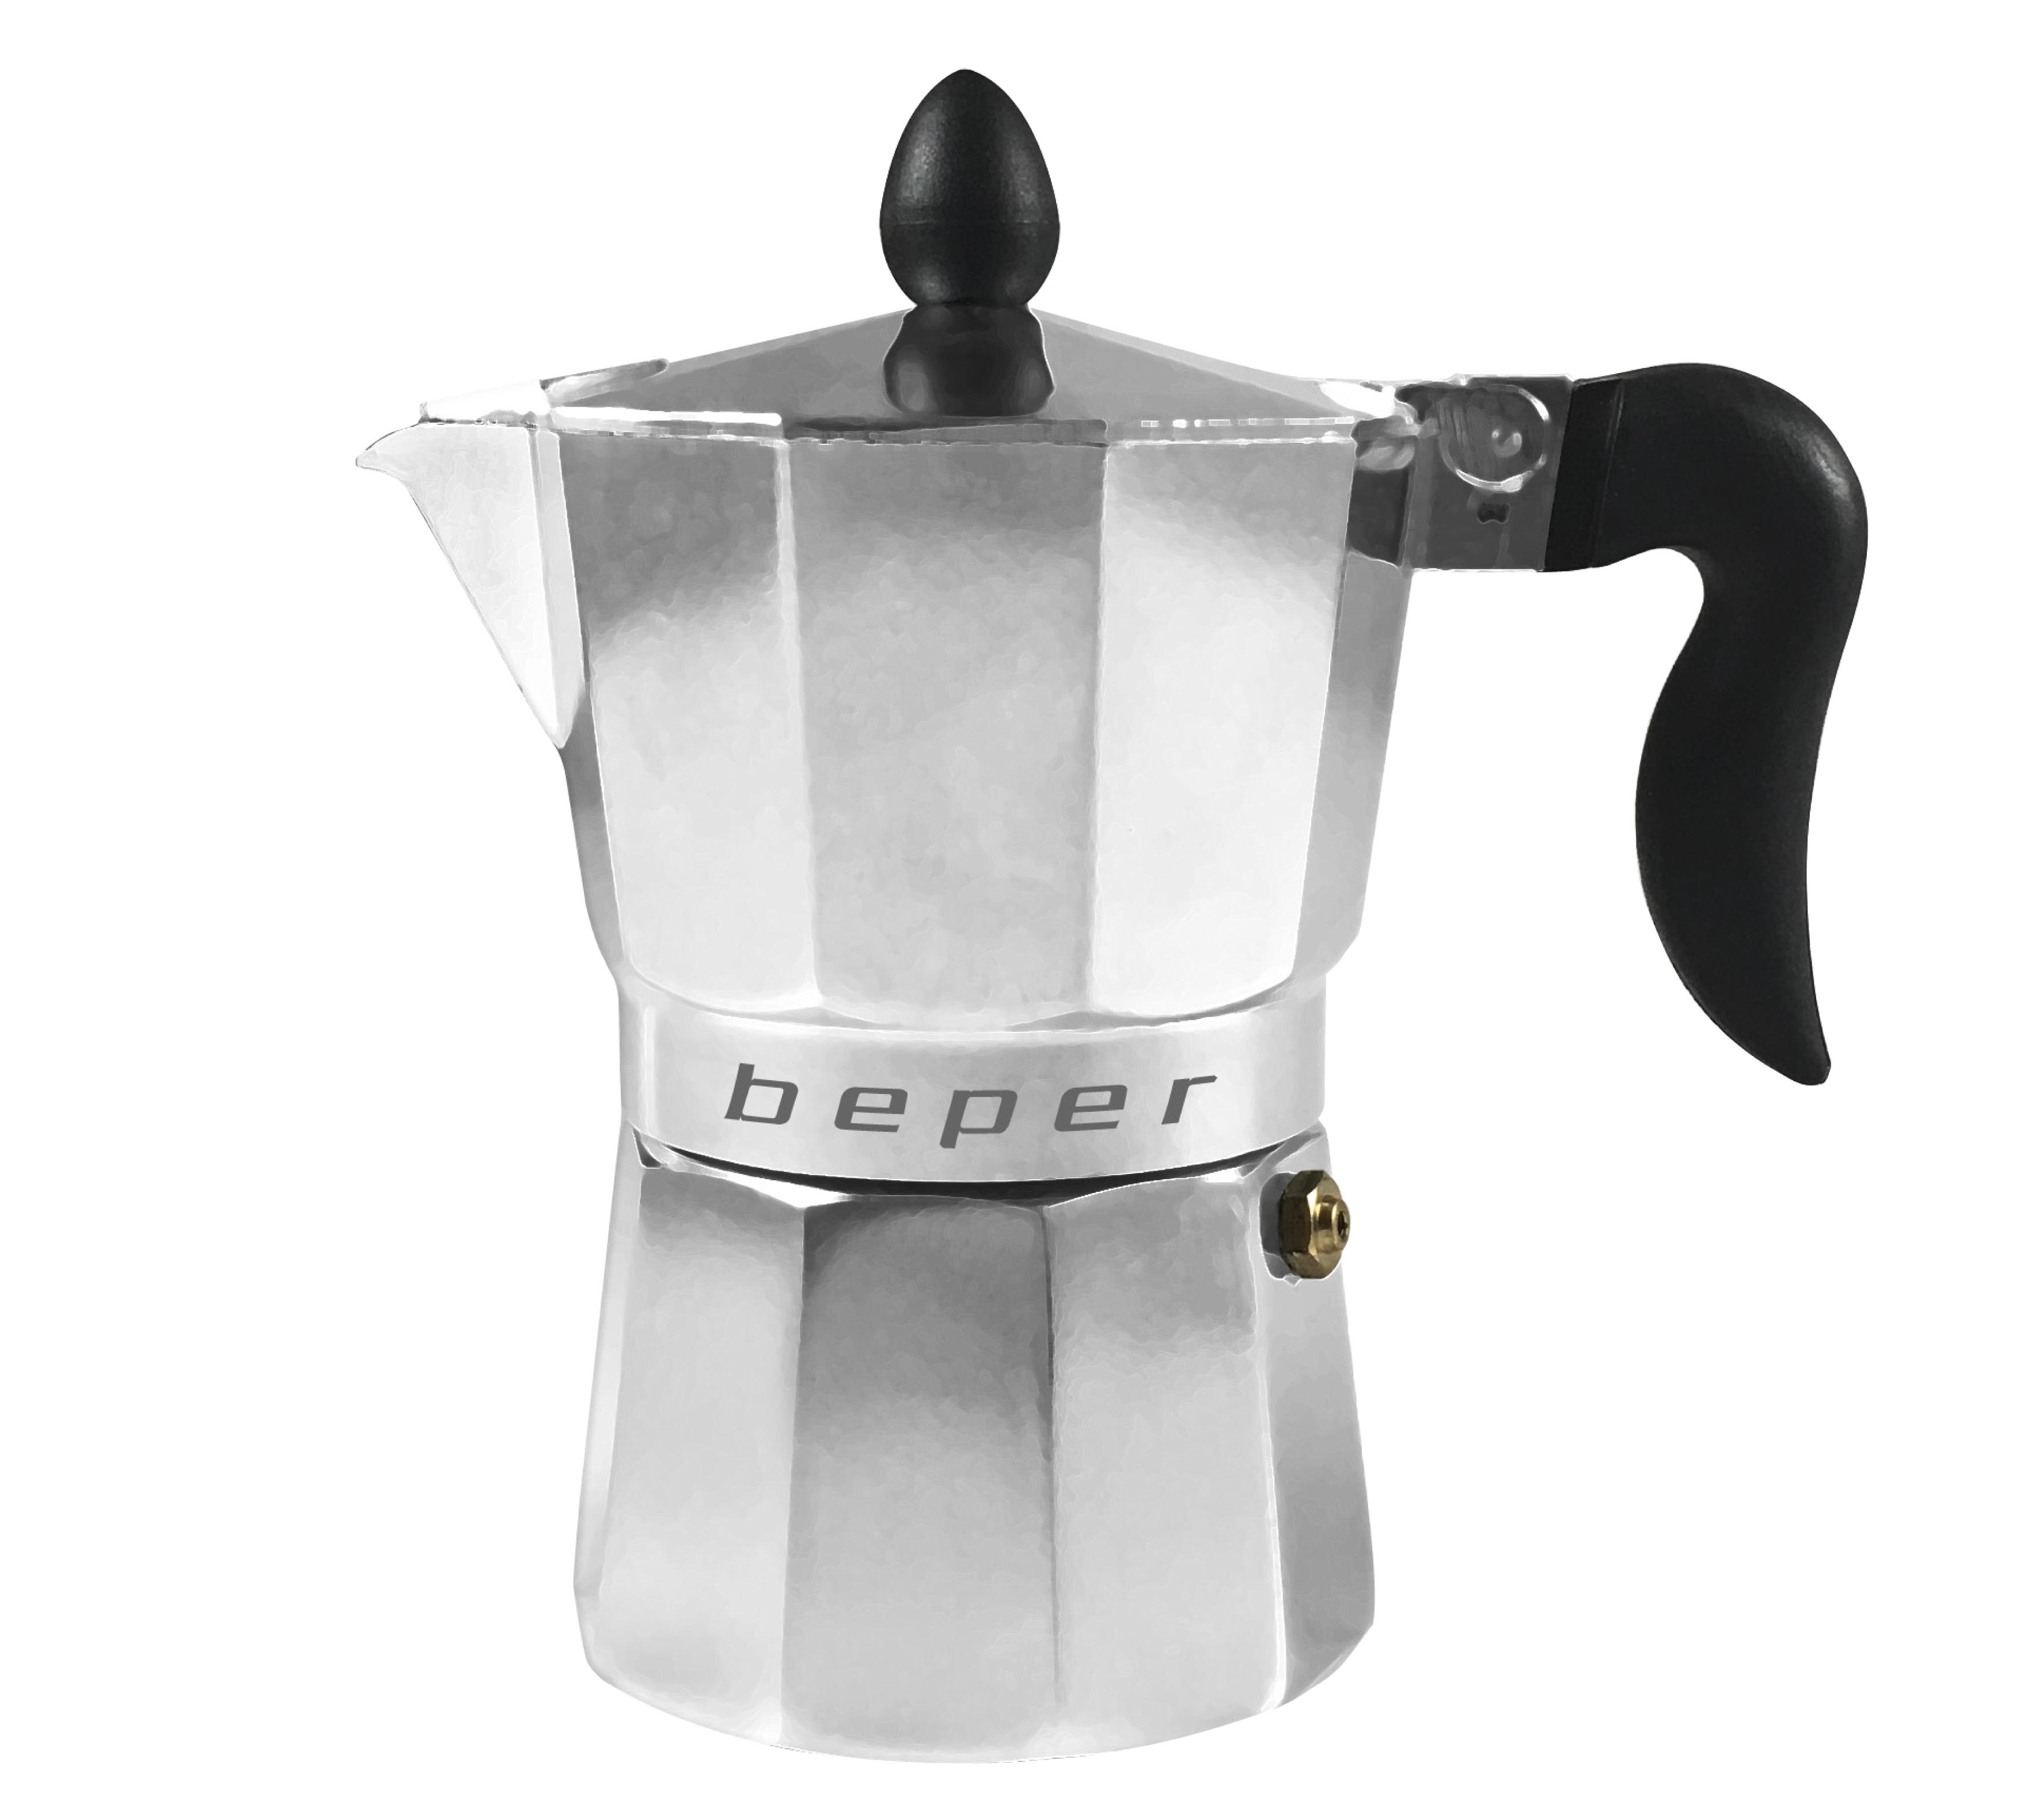 BEPER CA010 kávovar moka pro přípravu tradiční itálské kávy, 1 šálek, kvalitní hliník